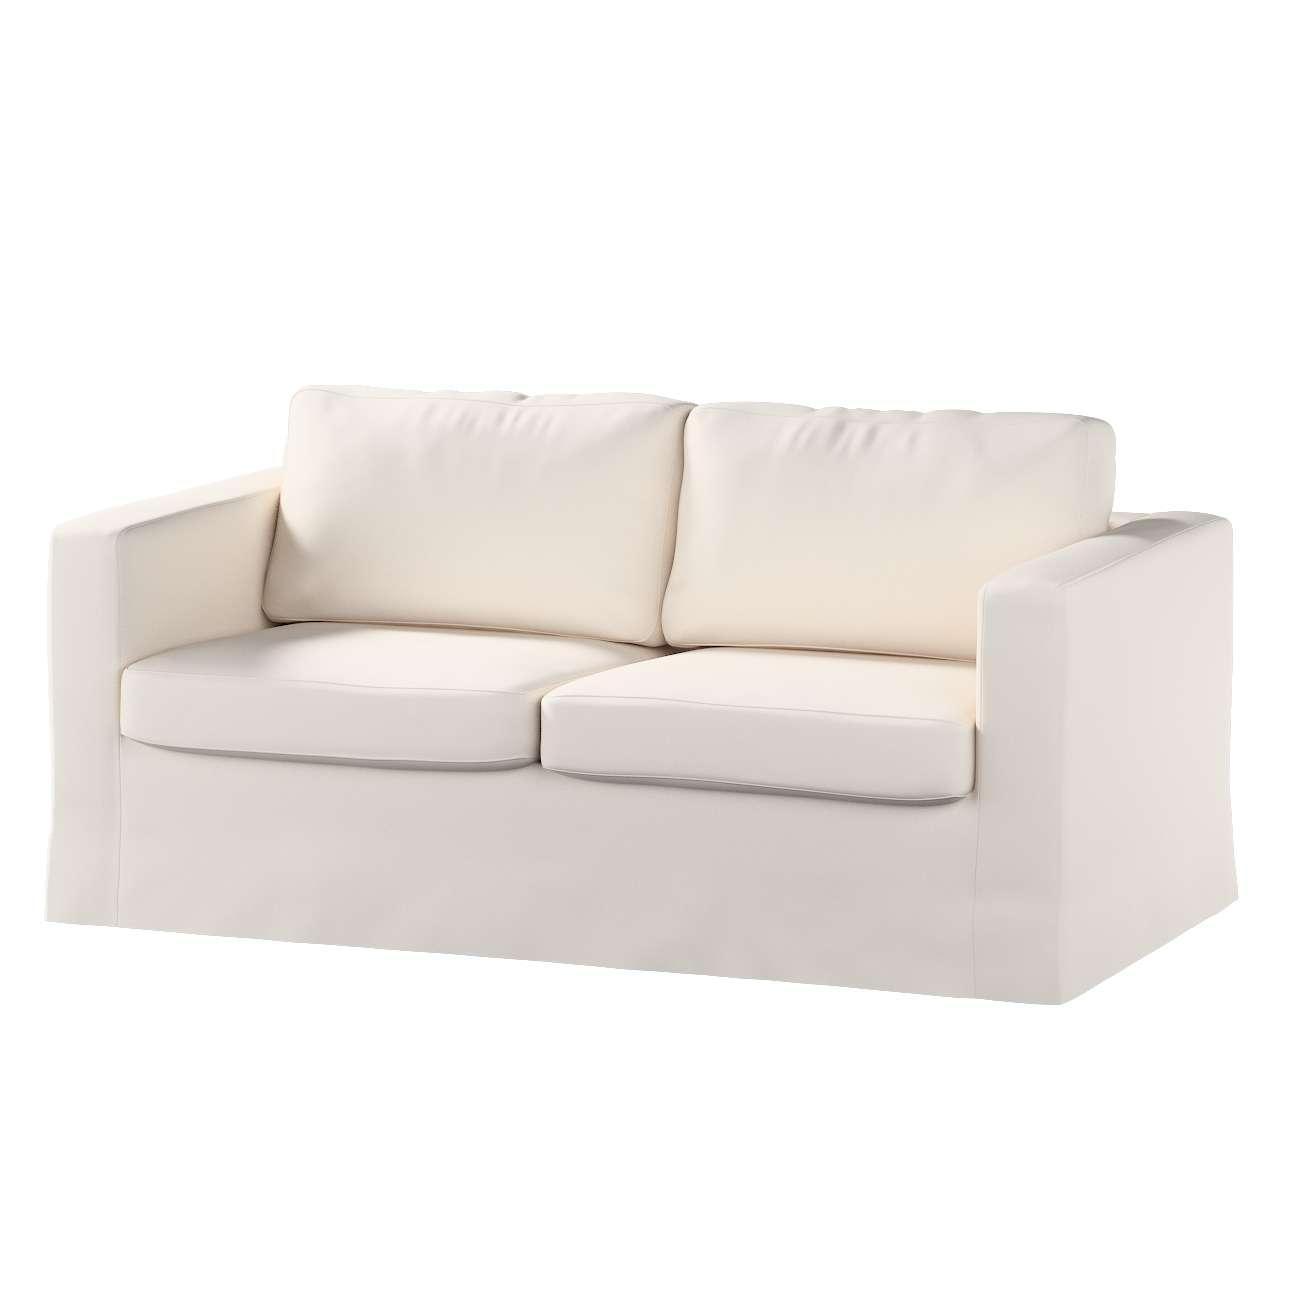 Karlstad klädsel 2-sits soffa -  lång i kollektionen Etna, Tyg: 705-01